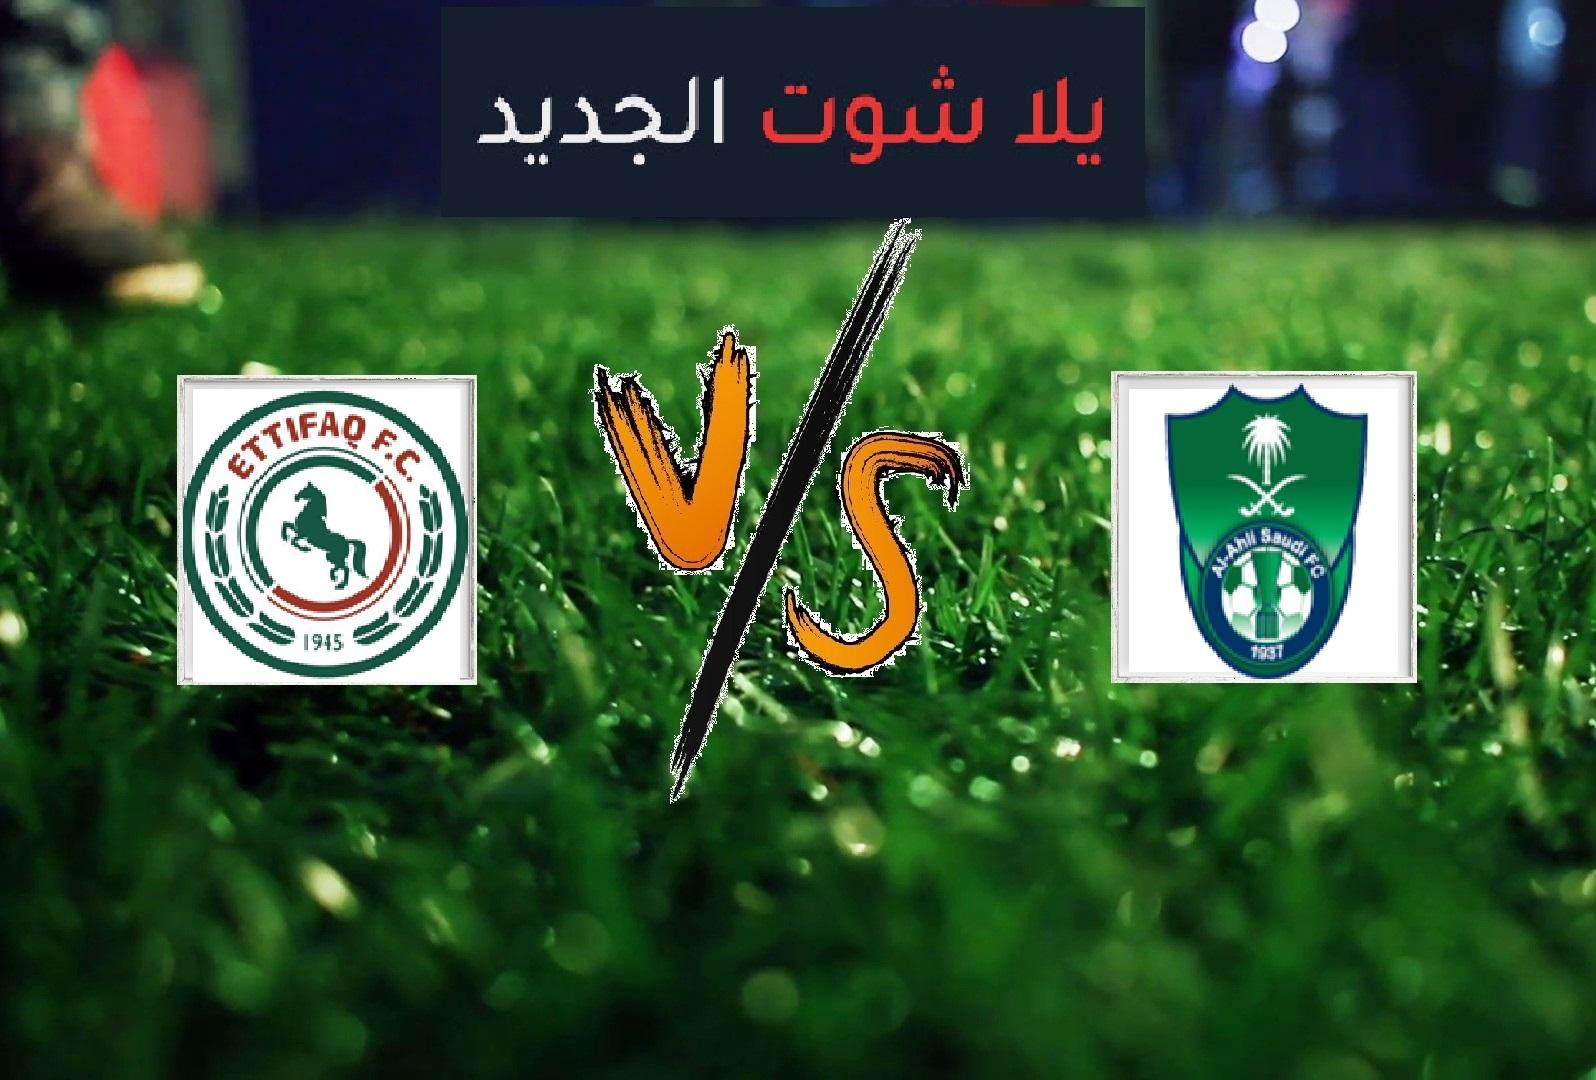 الاهلي يفوز على الاتفاق بخماسية نظيفة في الجولة ال30 من الدوري السعودي